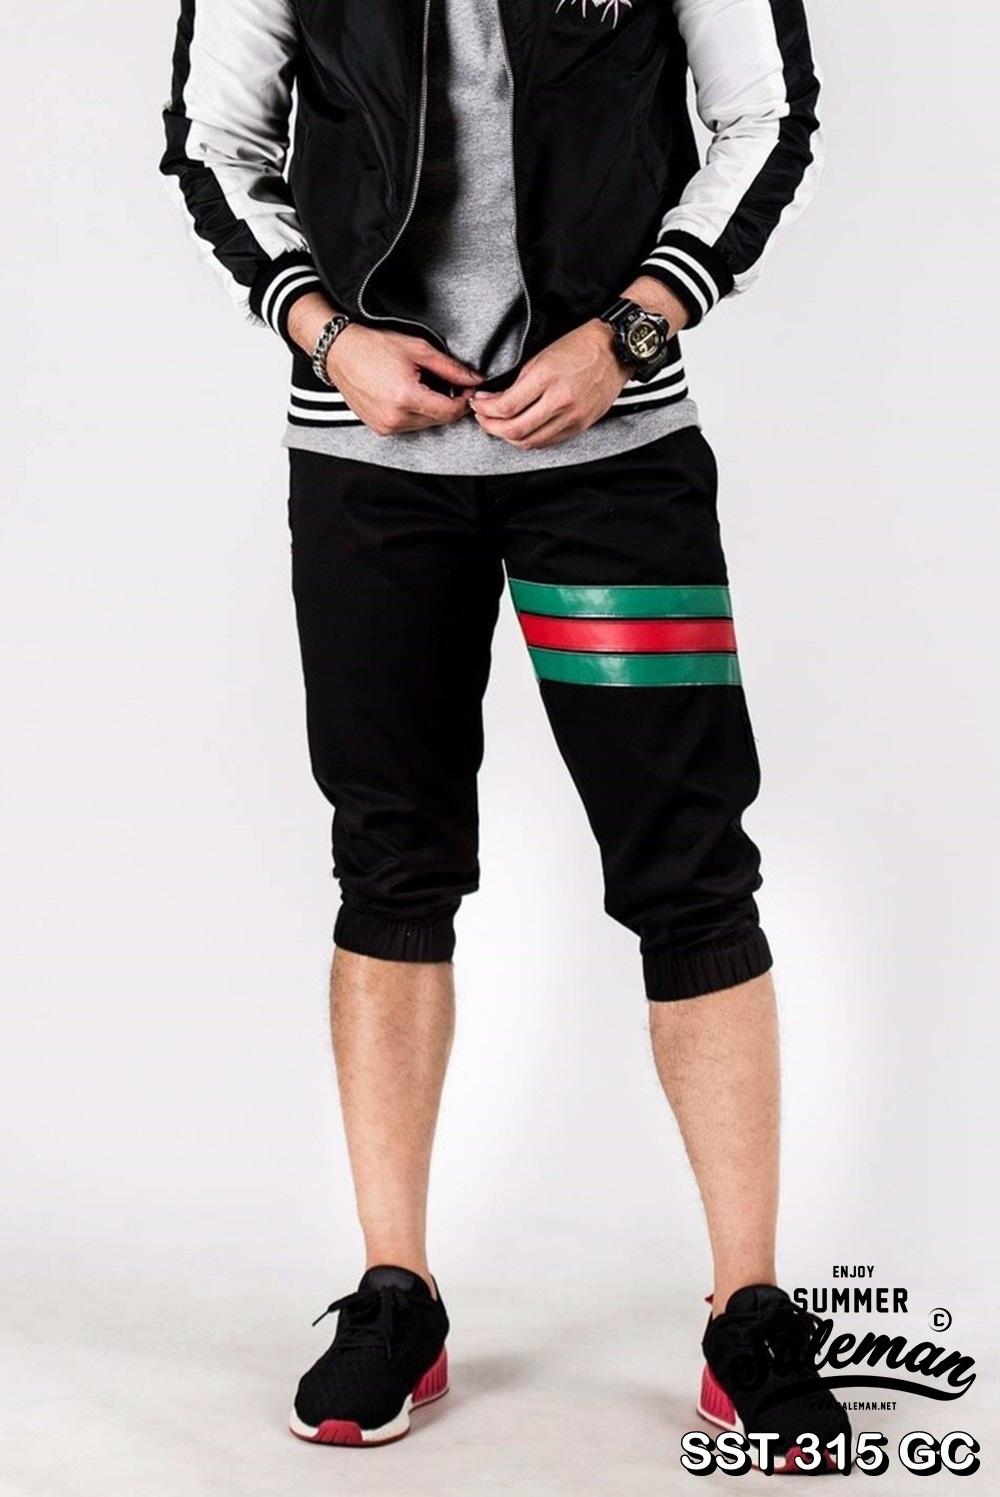 กางเกงสามส่วน พรีเมี่ยม ผ้า COTTON รหัส SST 315 GC สีดำ แถบเขียวแดง SUMMER SALE